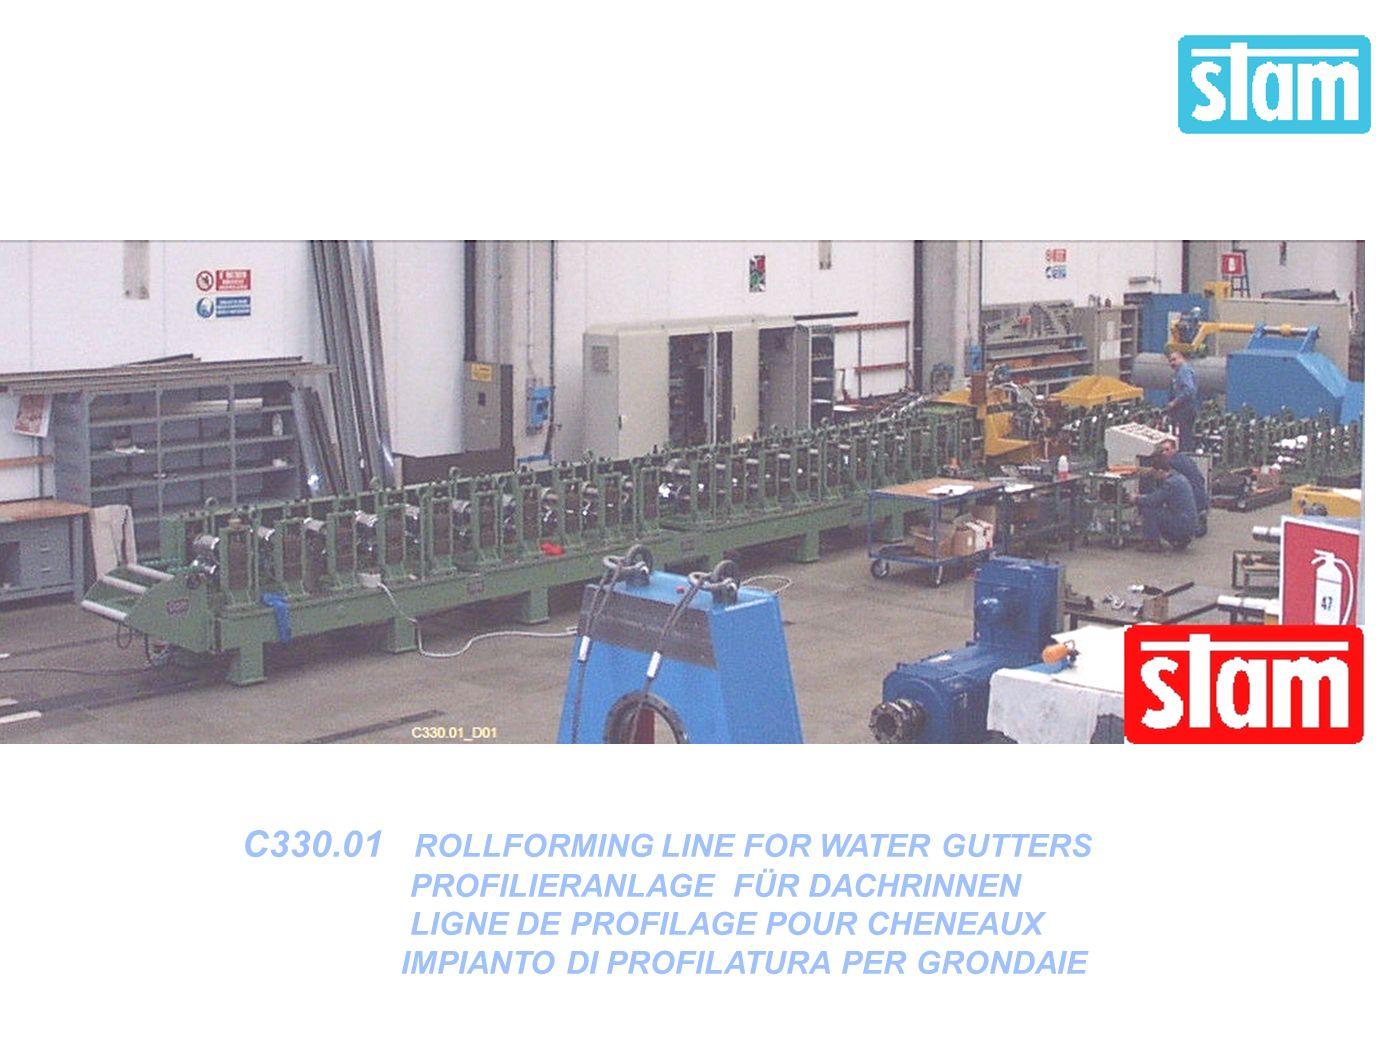 C330.01 ROLLFORMING LINE FOR WATER GUTTERS PROFILIERANLAGE FÜR DACHRINNEN LIGNE DE PROFILAGE POUR CHENEAUX IMPIANTO DI PROFILATURA PER GRONDAIE